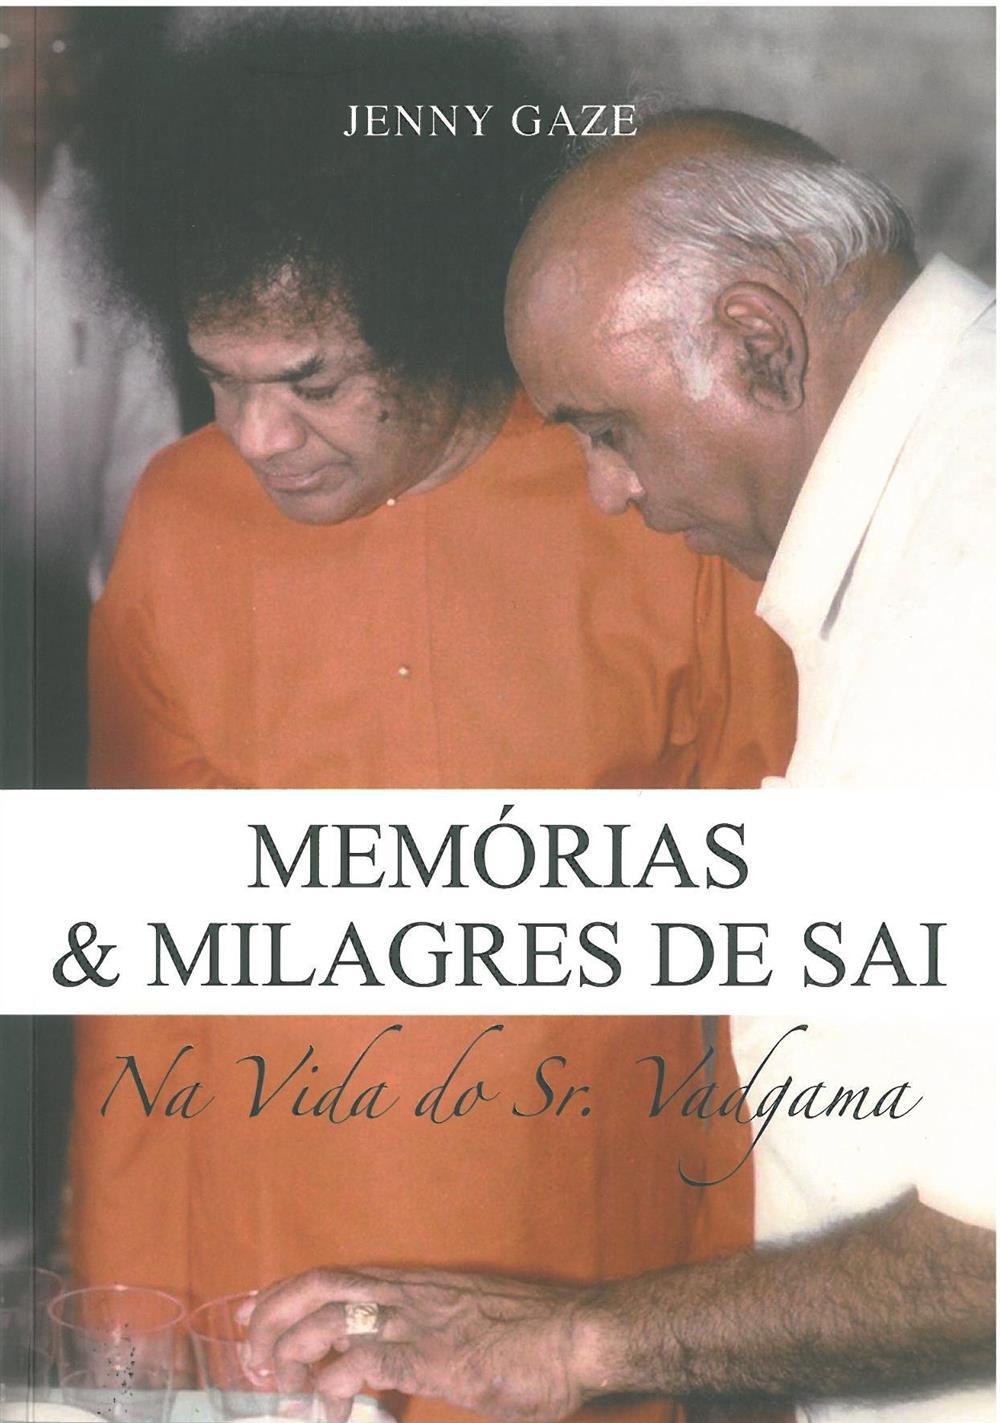 Memórias & milagres de Sai_.jpg